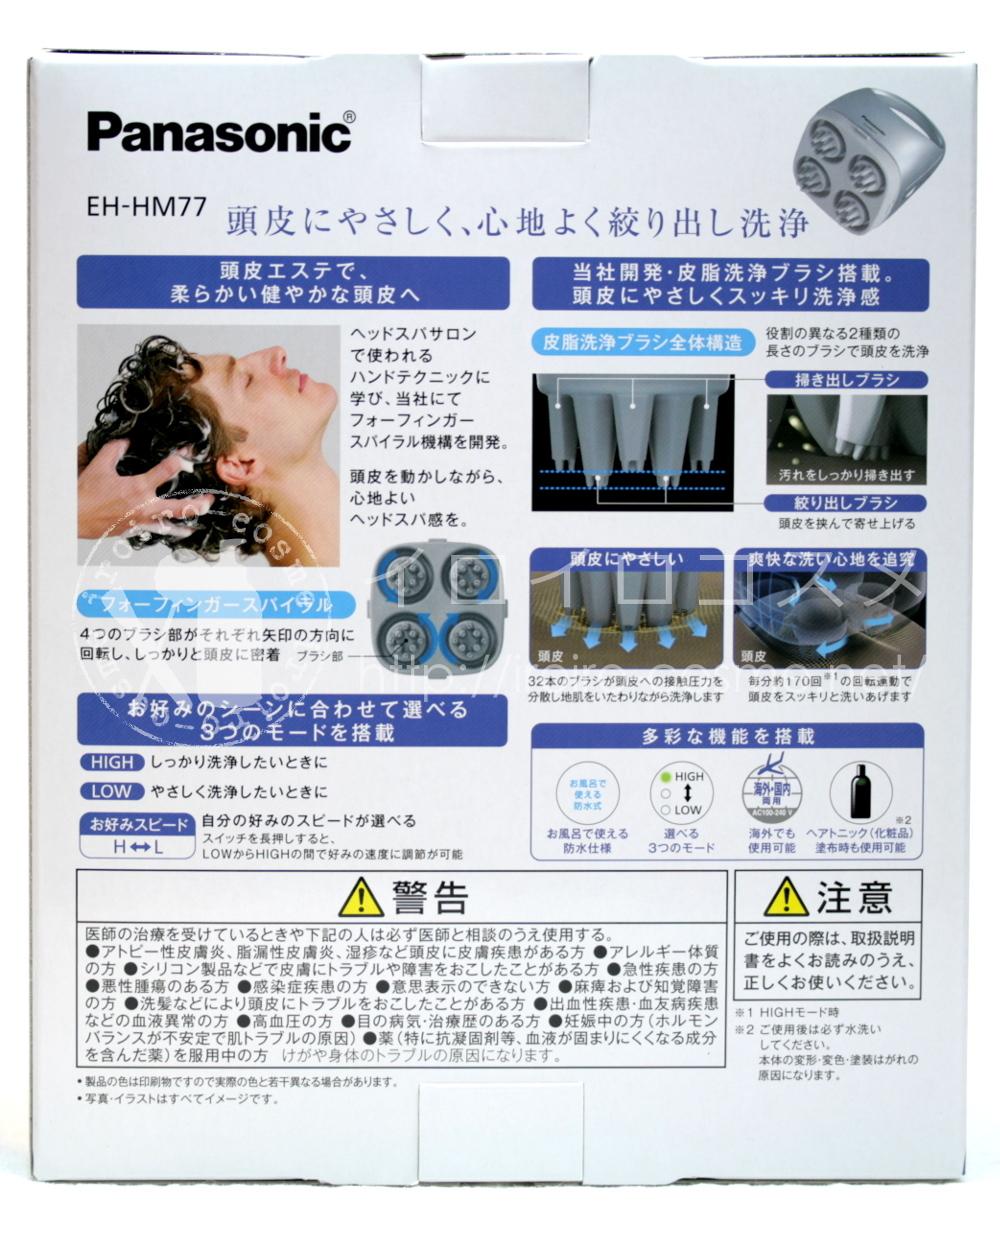 パナソニック 頭皮エステ 皮脂洗浄タイプ EH-HM77